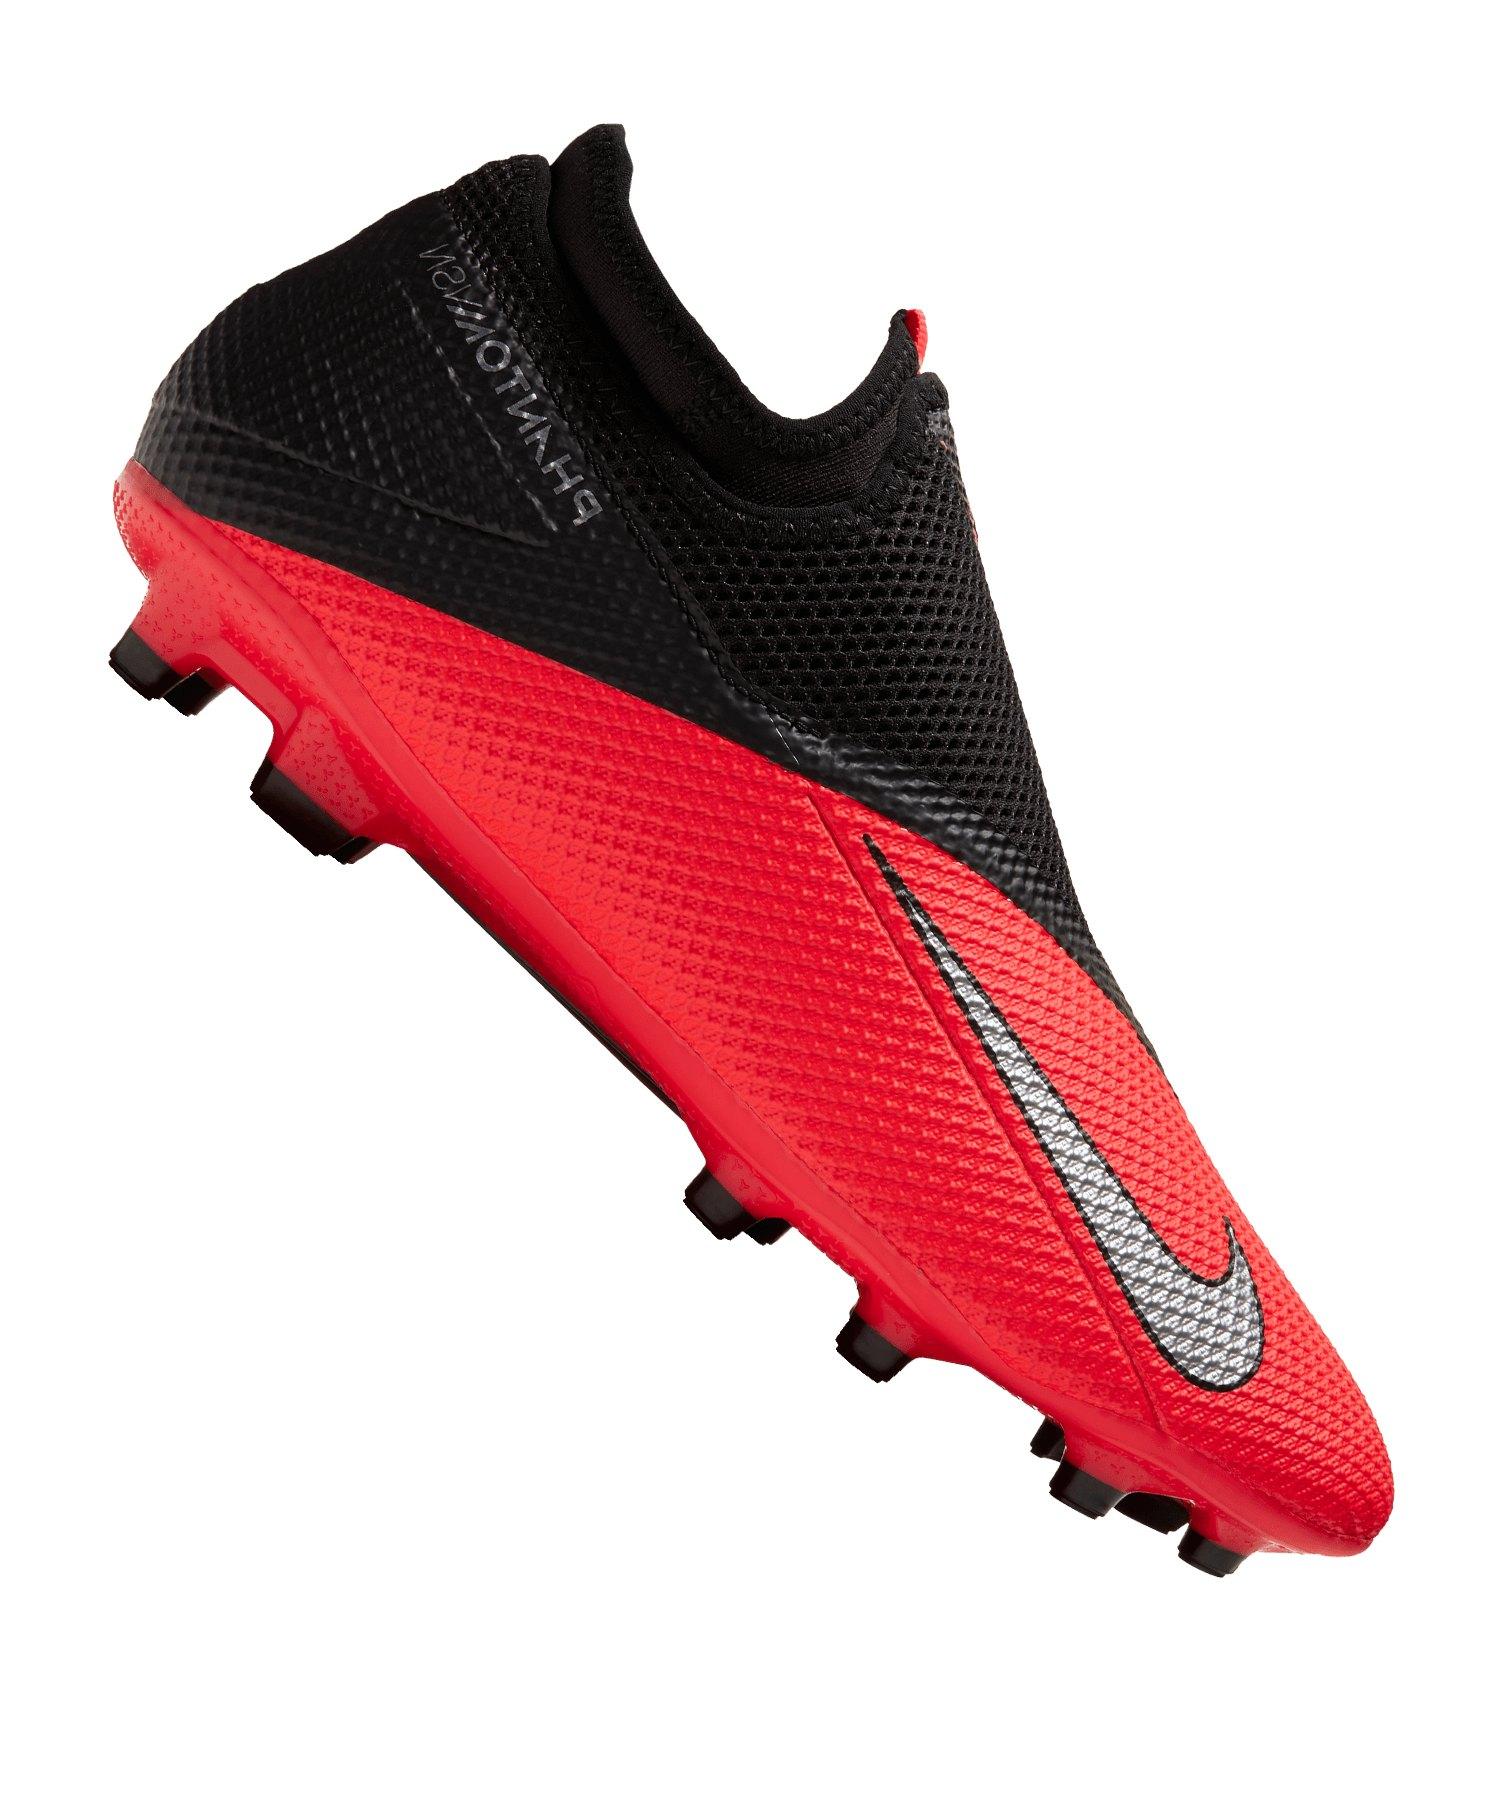 Nike Phantom Vision II Future Lab Academy FG Rot F606 - rot